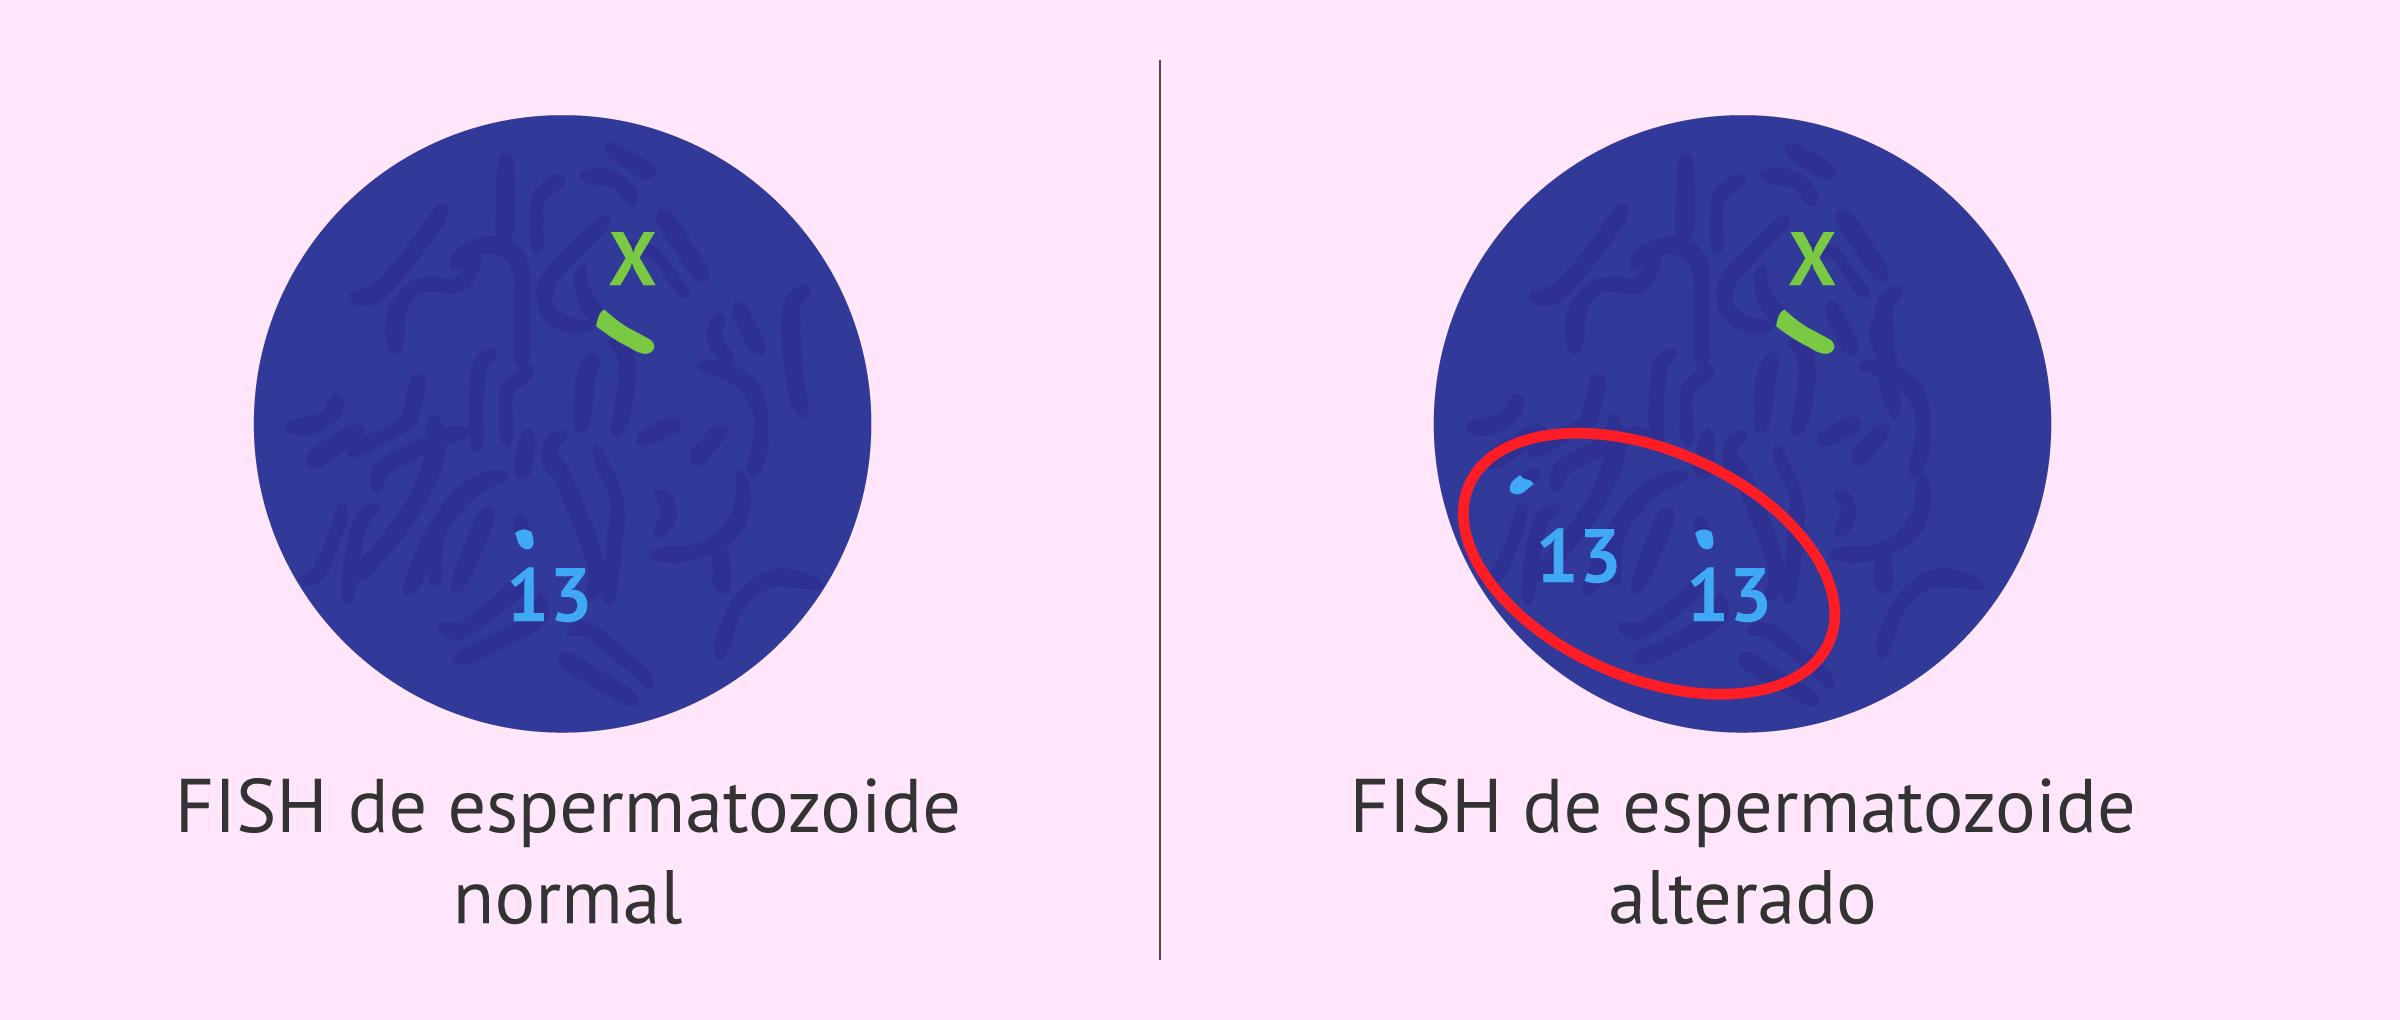 Hibridación in situ o FISH de espermatozoides